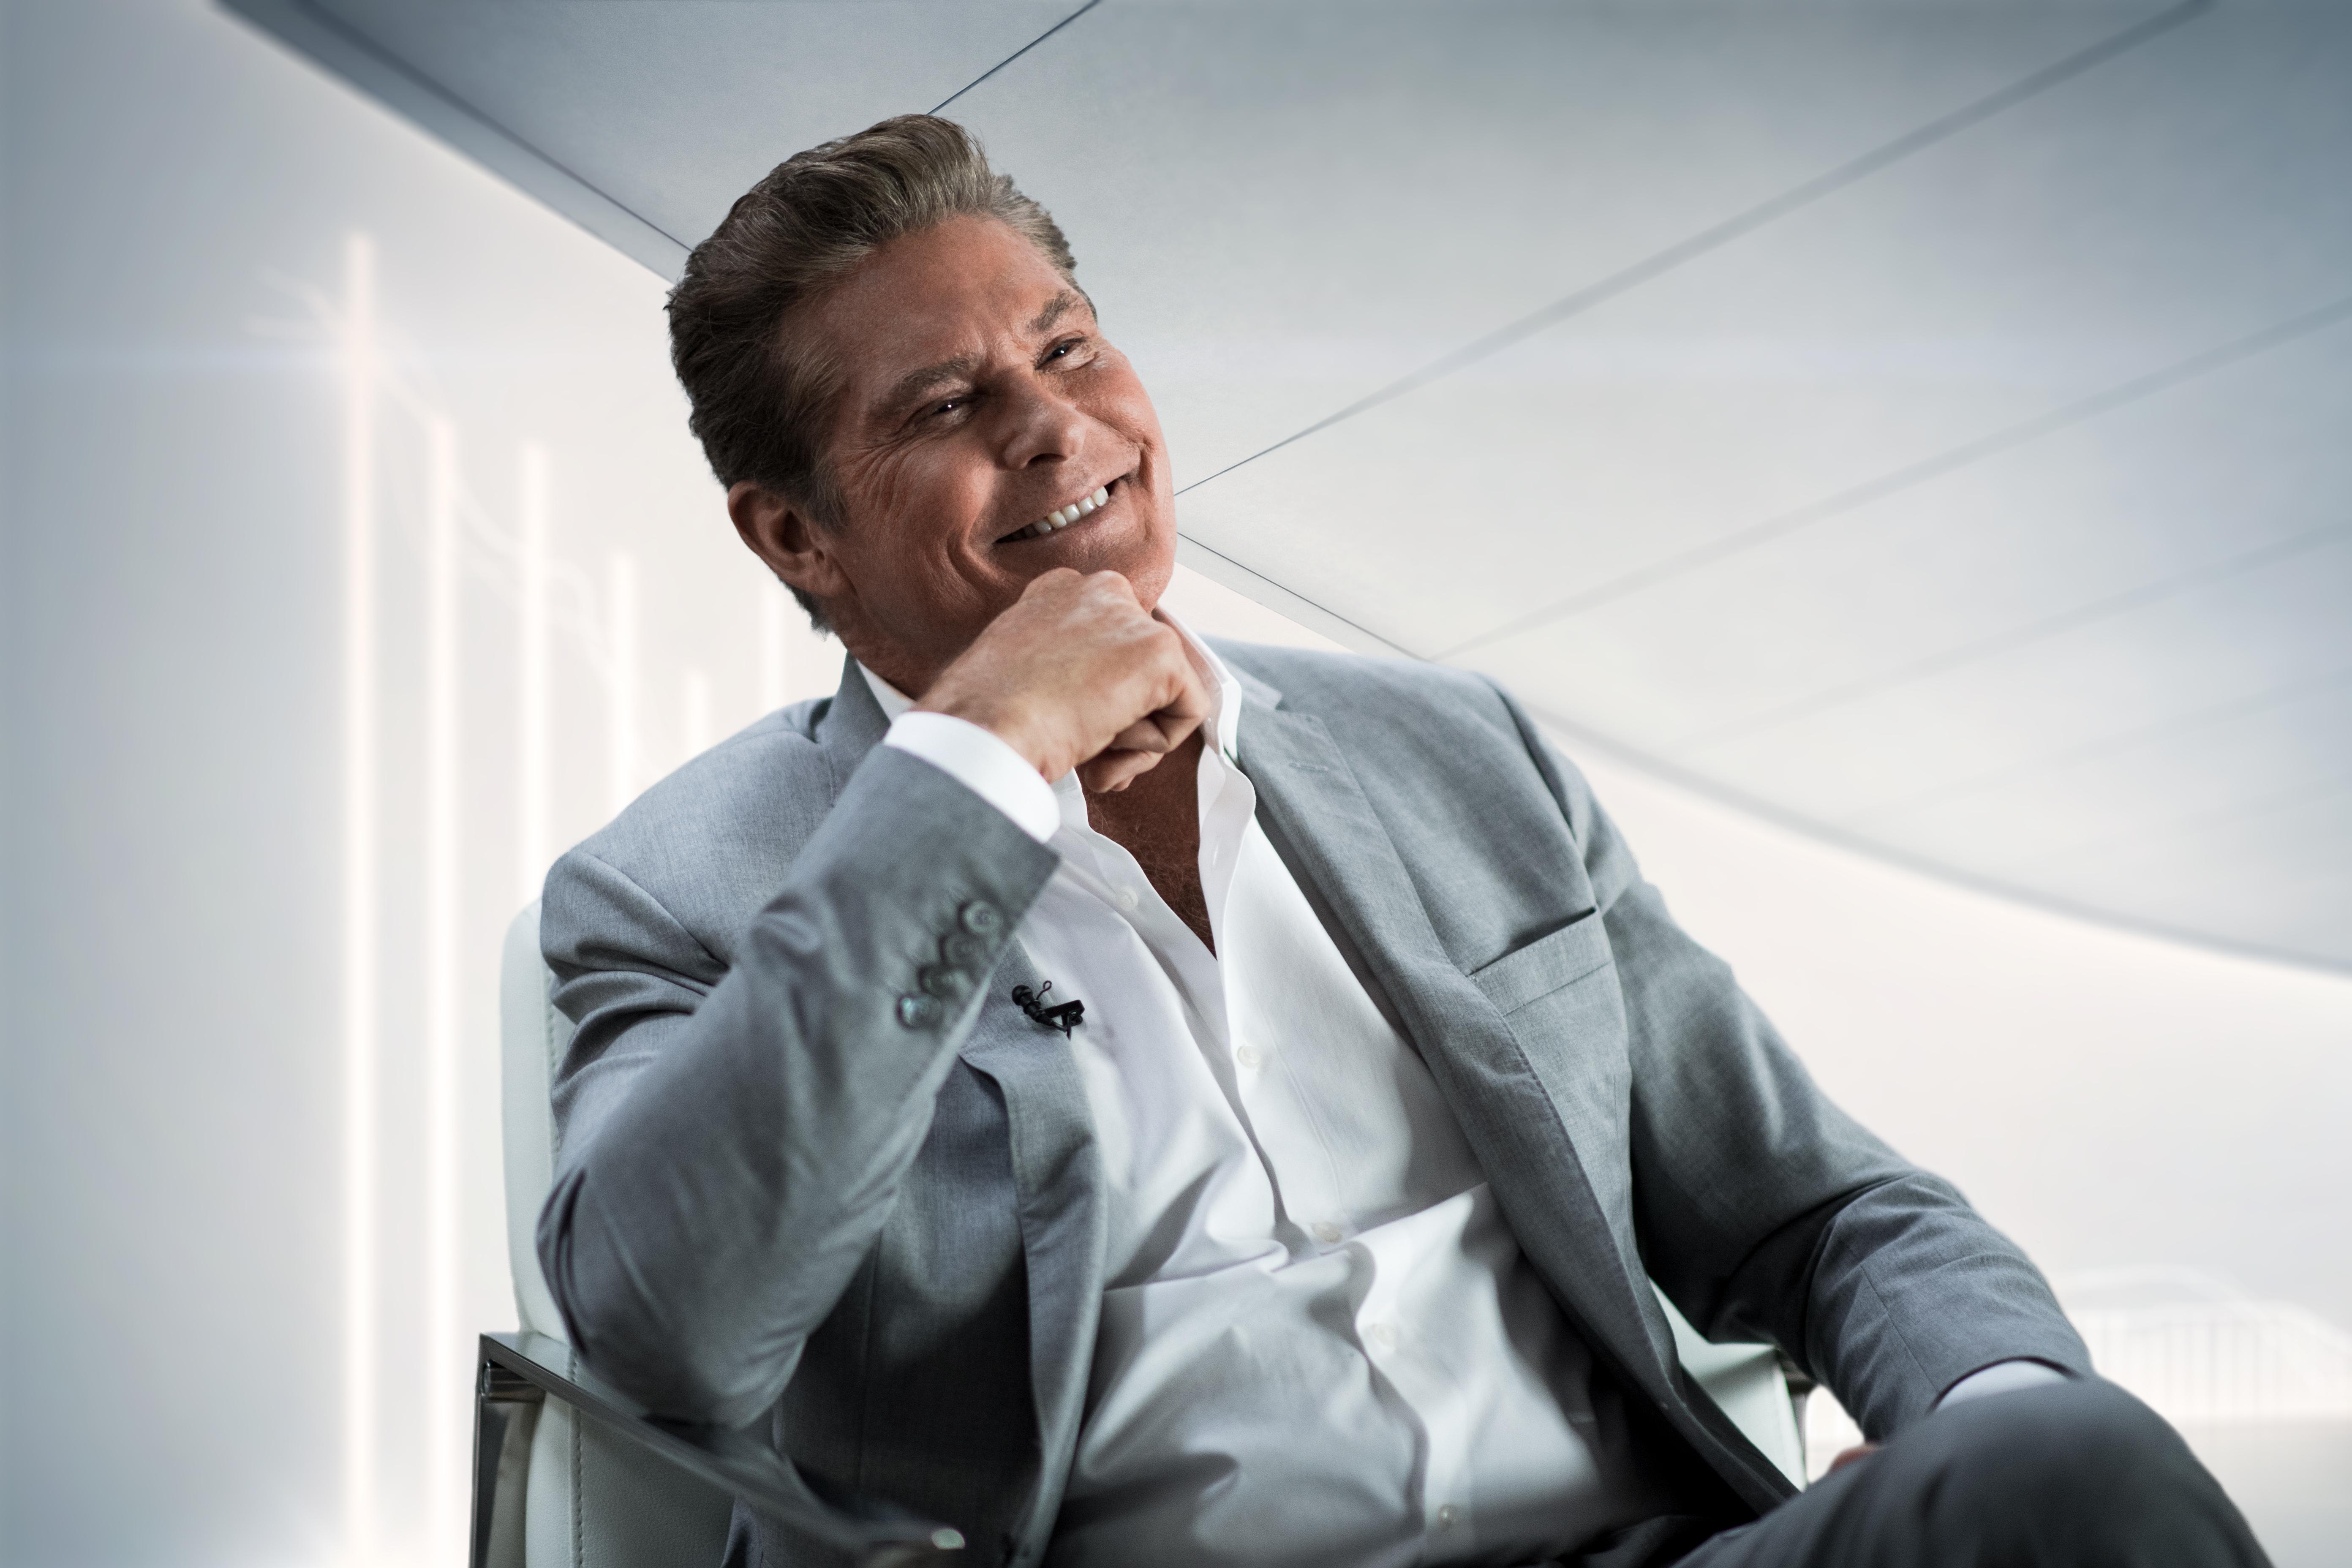 audibene+David Hasselhoff=Die HOFFnung für Menschen mit Hörverlust ...